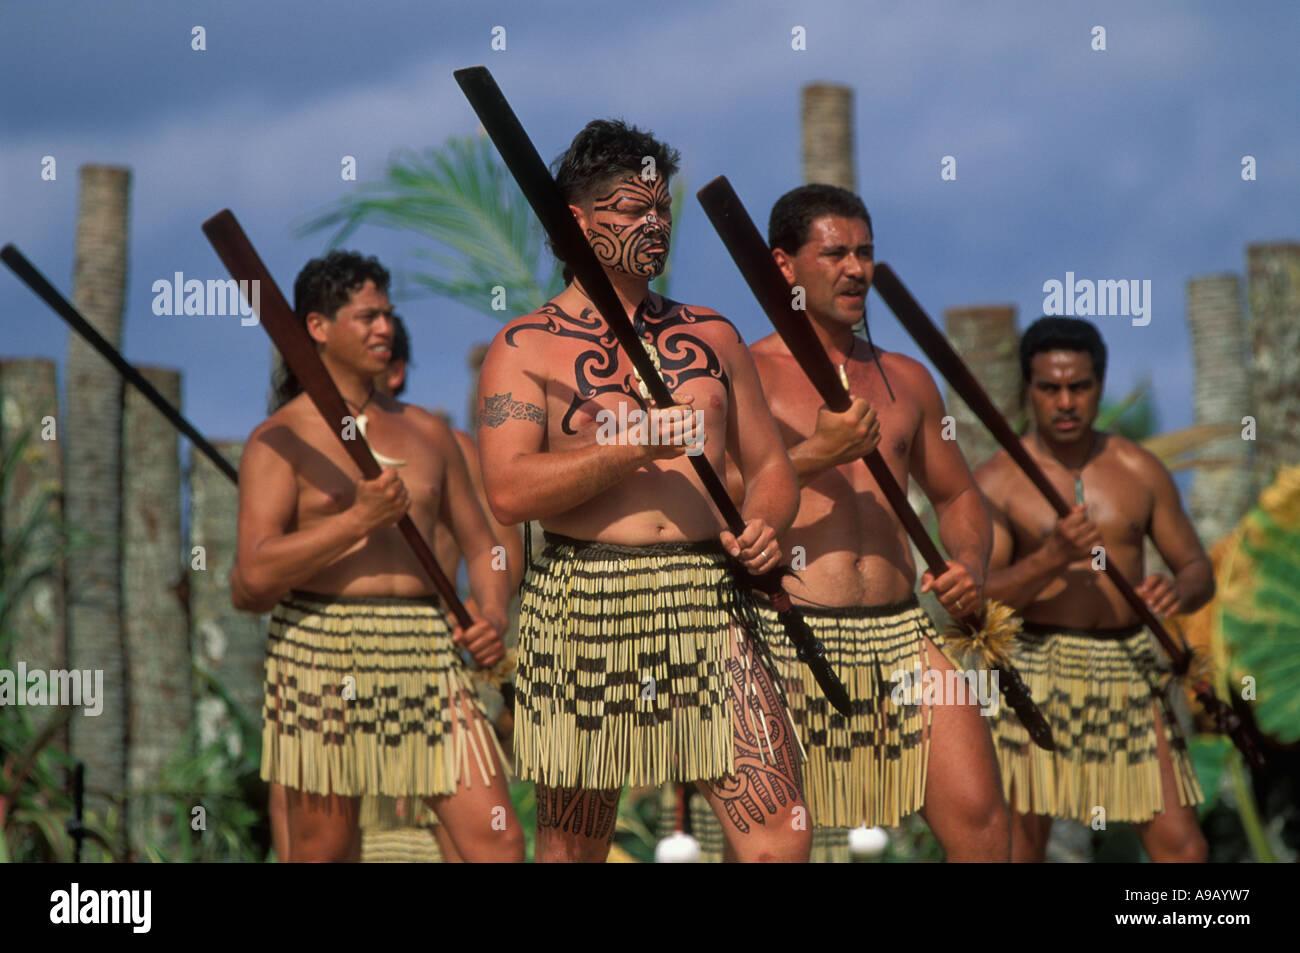 Maori Dance: Maori Men From New Zealand Perform A War Dance Using